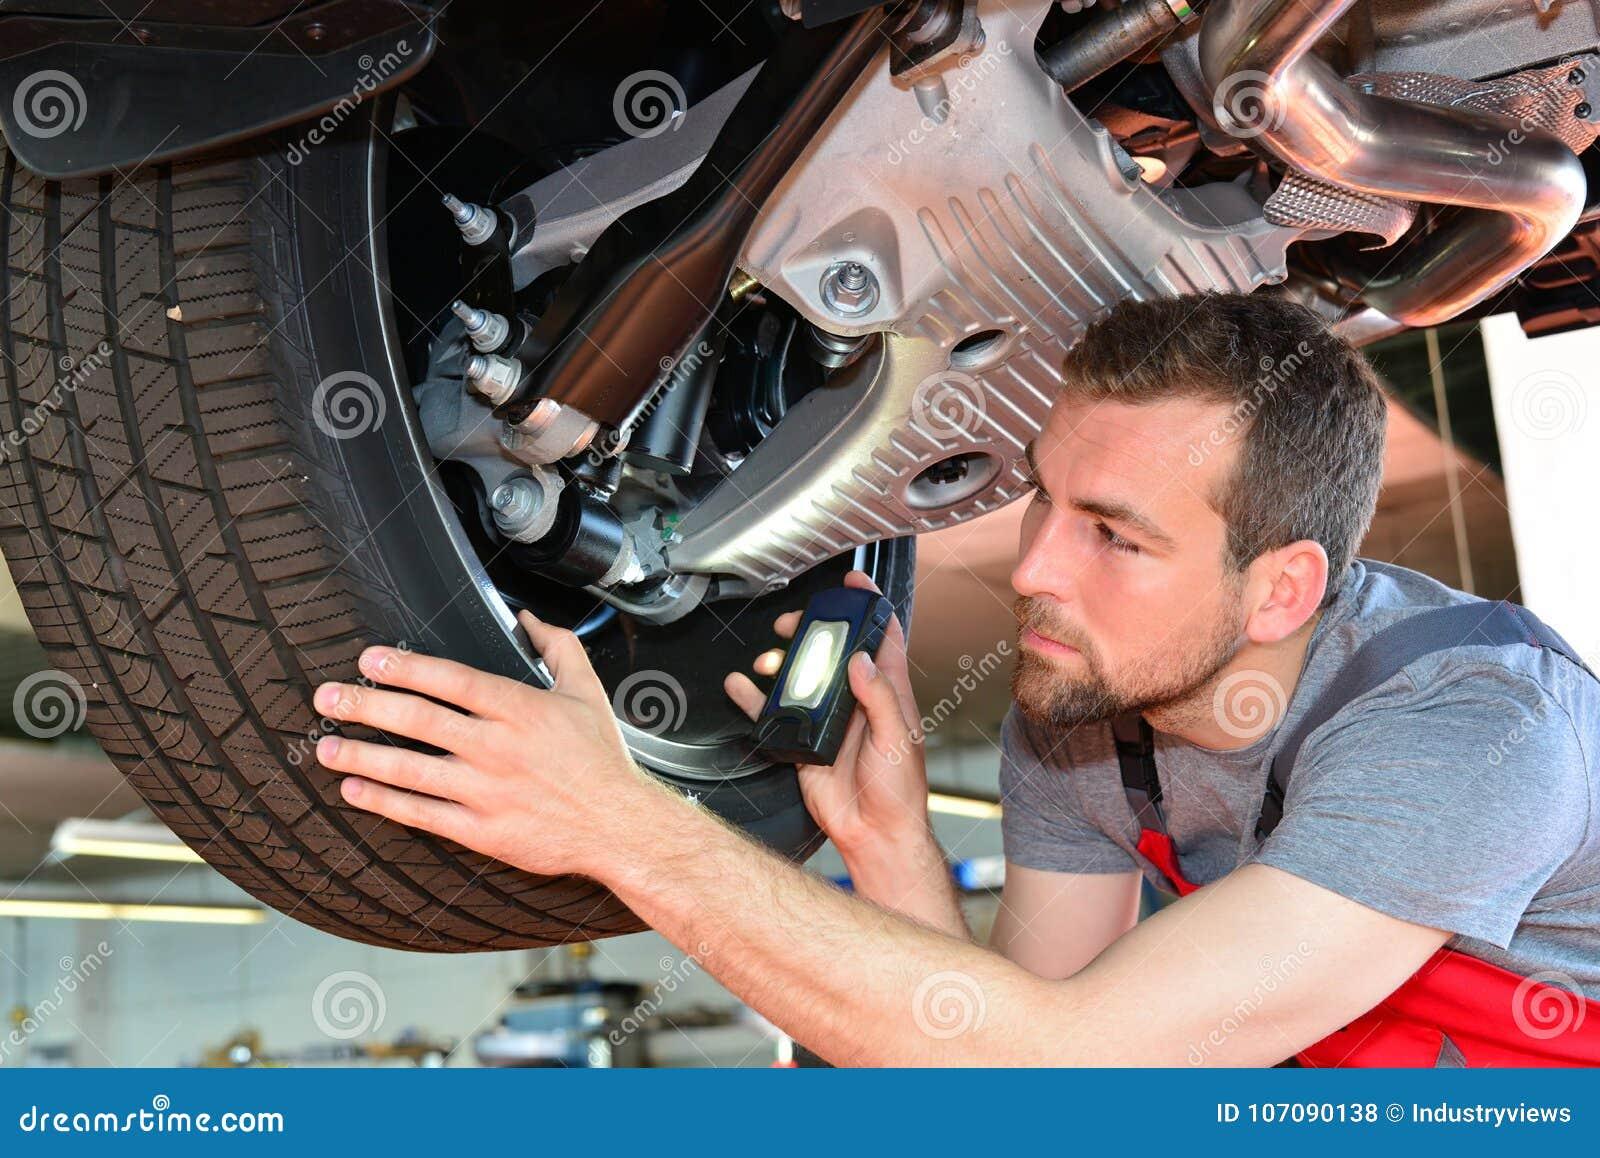 O auto mecânico repara o veículo em uma oficina